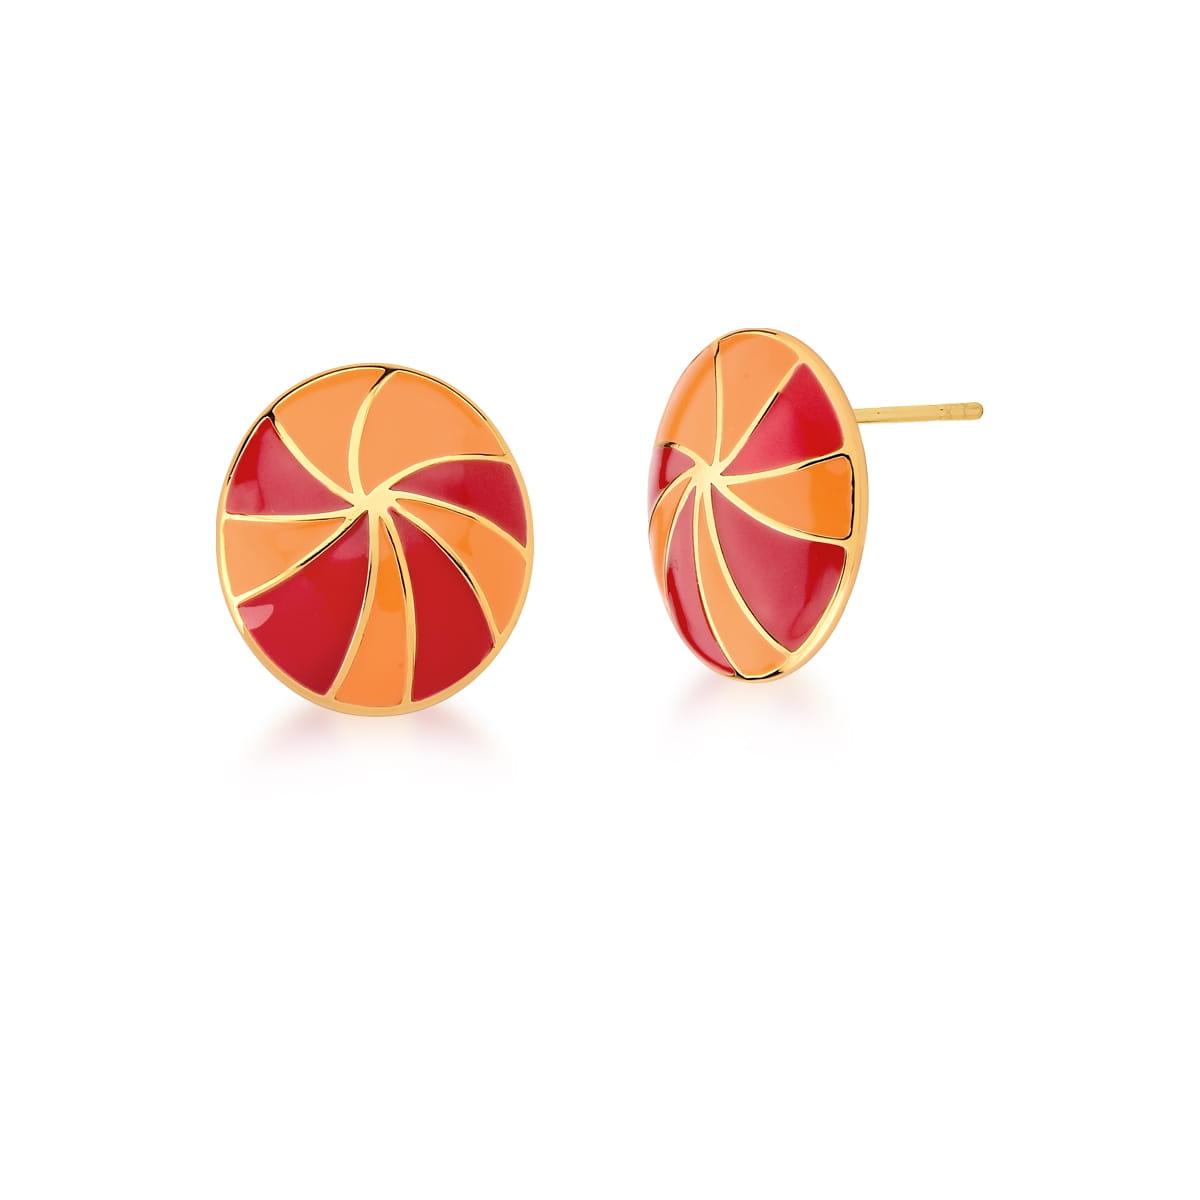 Brinco Oval Esmaltado Alaranjado e Vermelho Banhado a Ouro